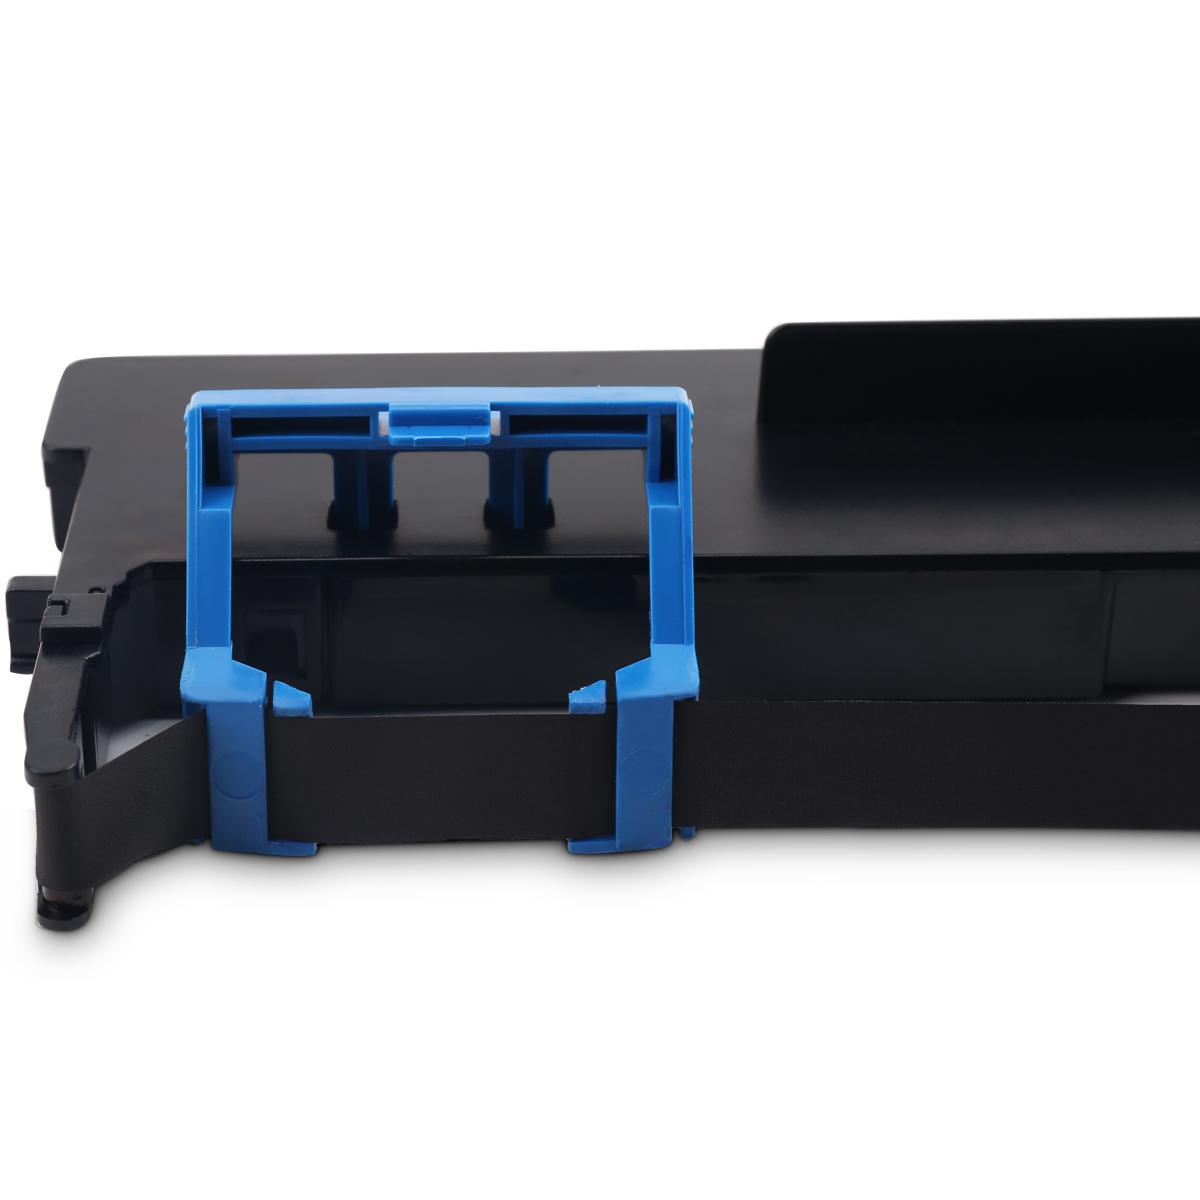 得力办公耗材针式打印机 620k 630k 730k 色带架打印 通用色带芯